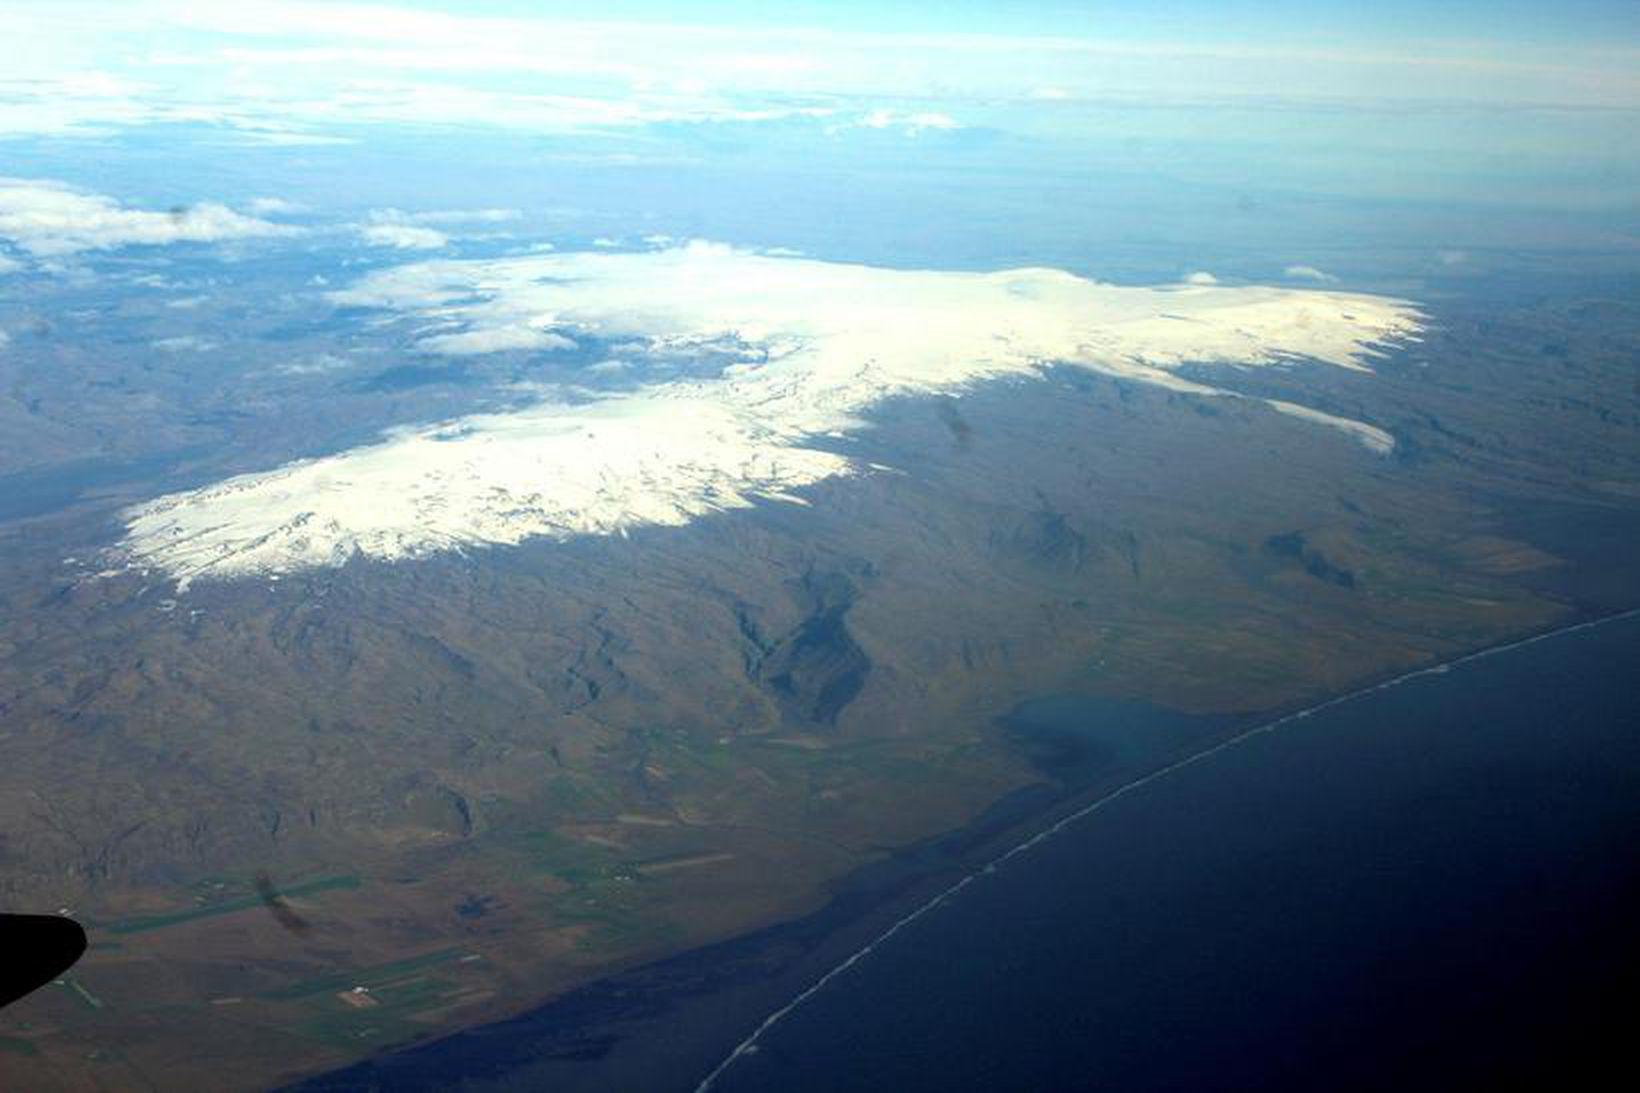 Mýrdalsjökull og Eyjafjallajökull. Mýrdalsjökull er fjær.